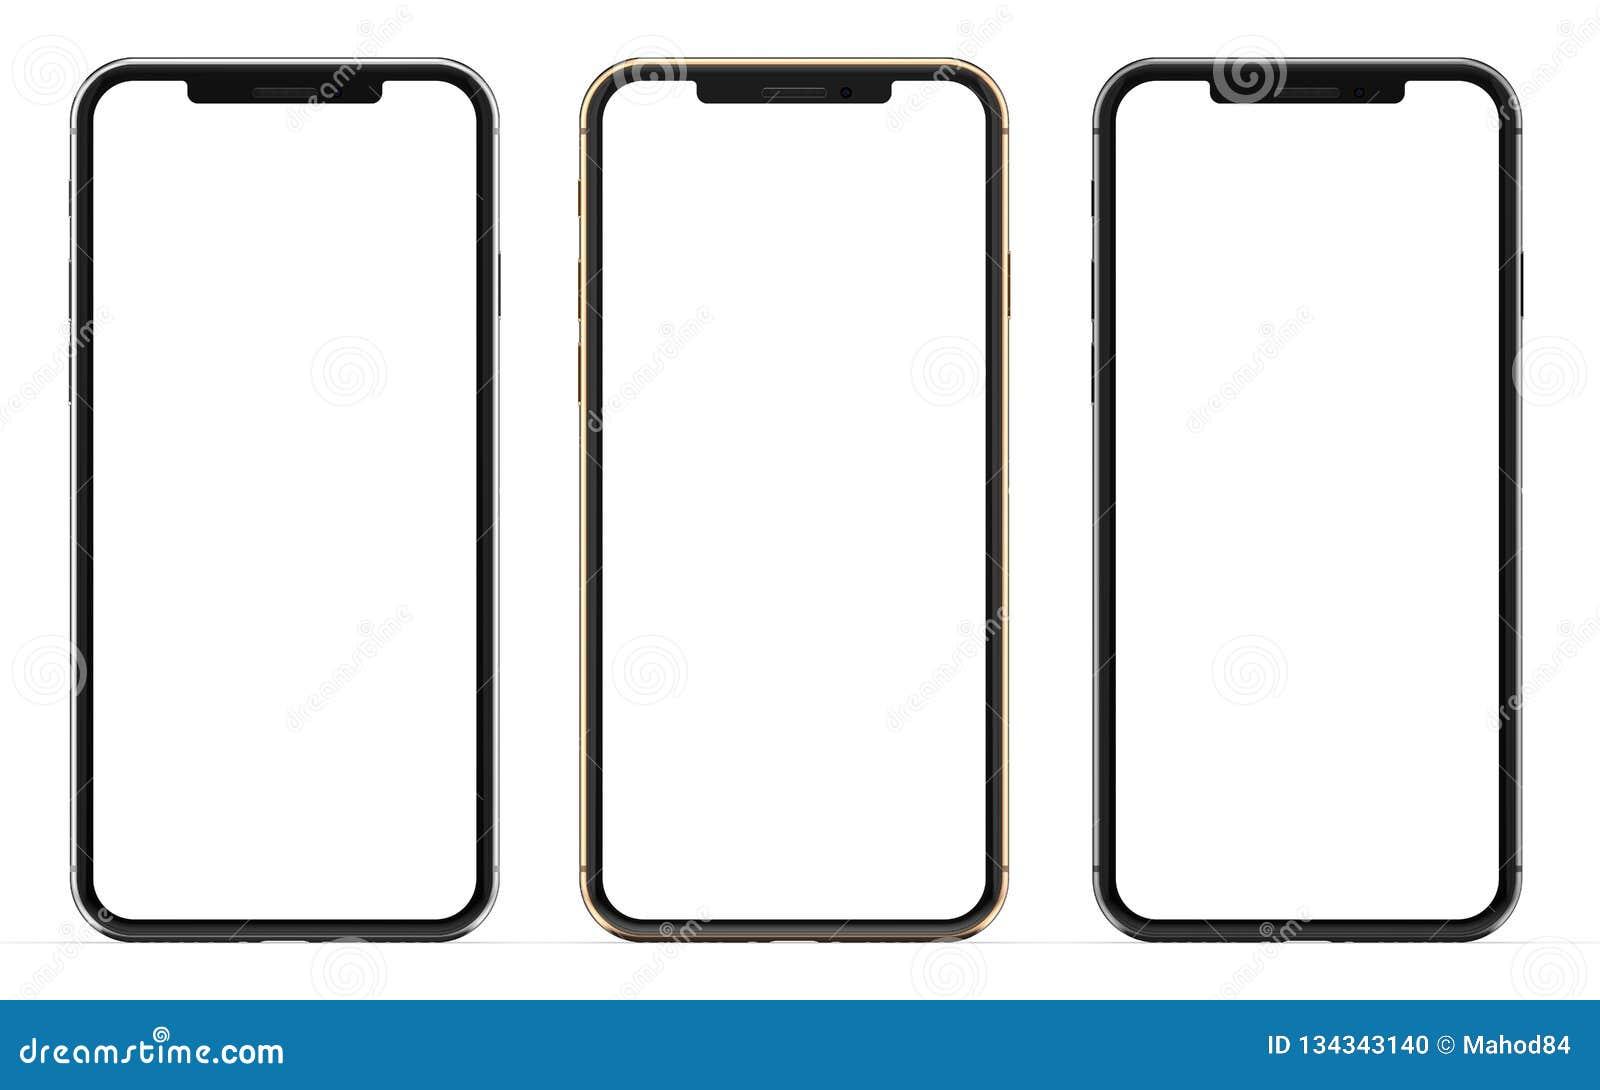 Gold, Silber und schwarze Smartphones mit dem leeren Bildschirm, lokalisiert auf weißem Hintergrund